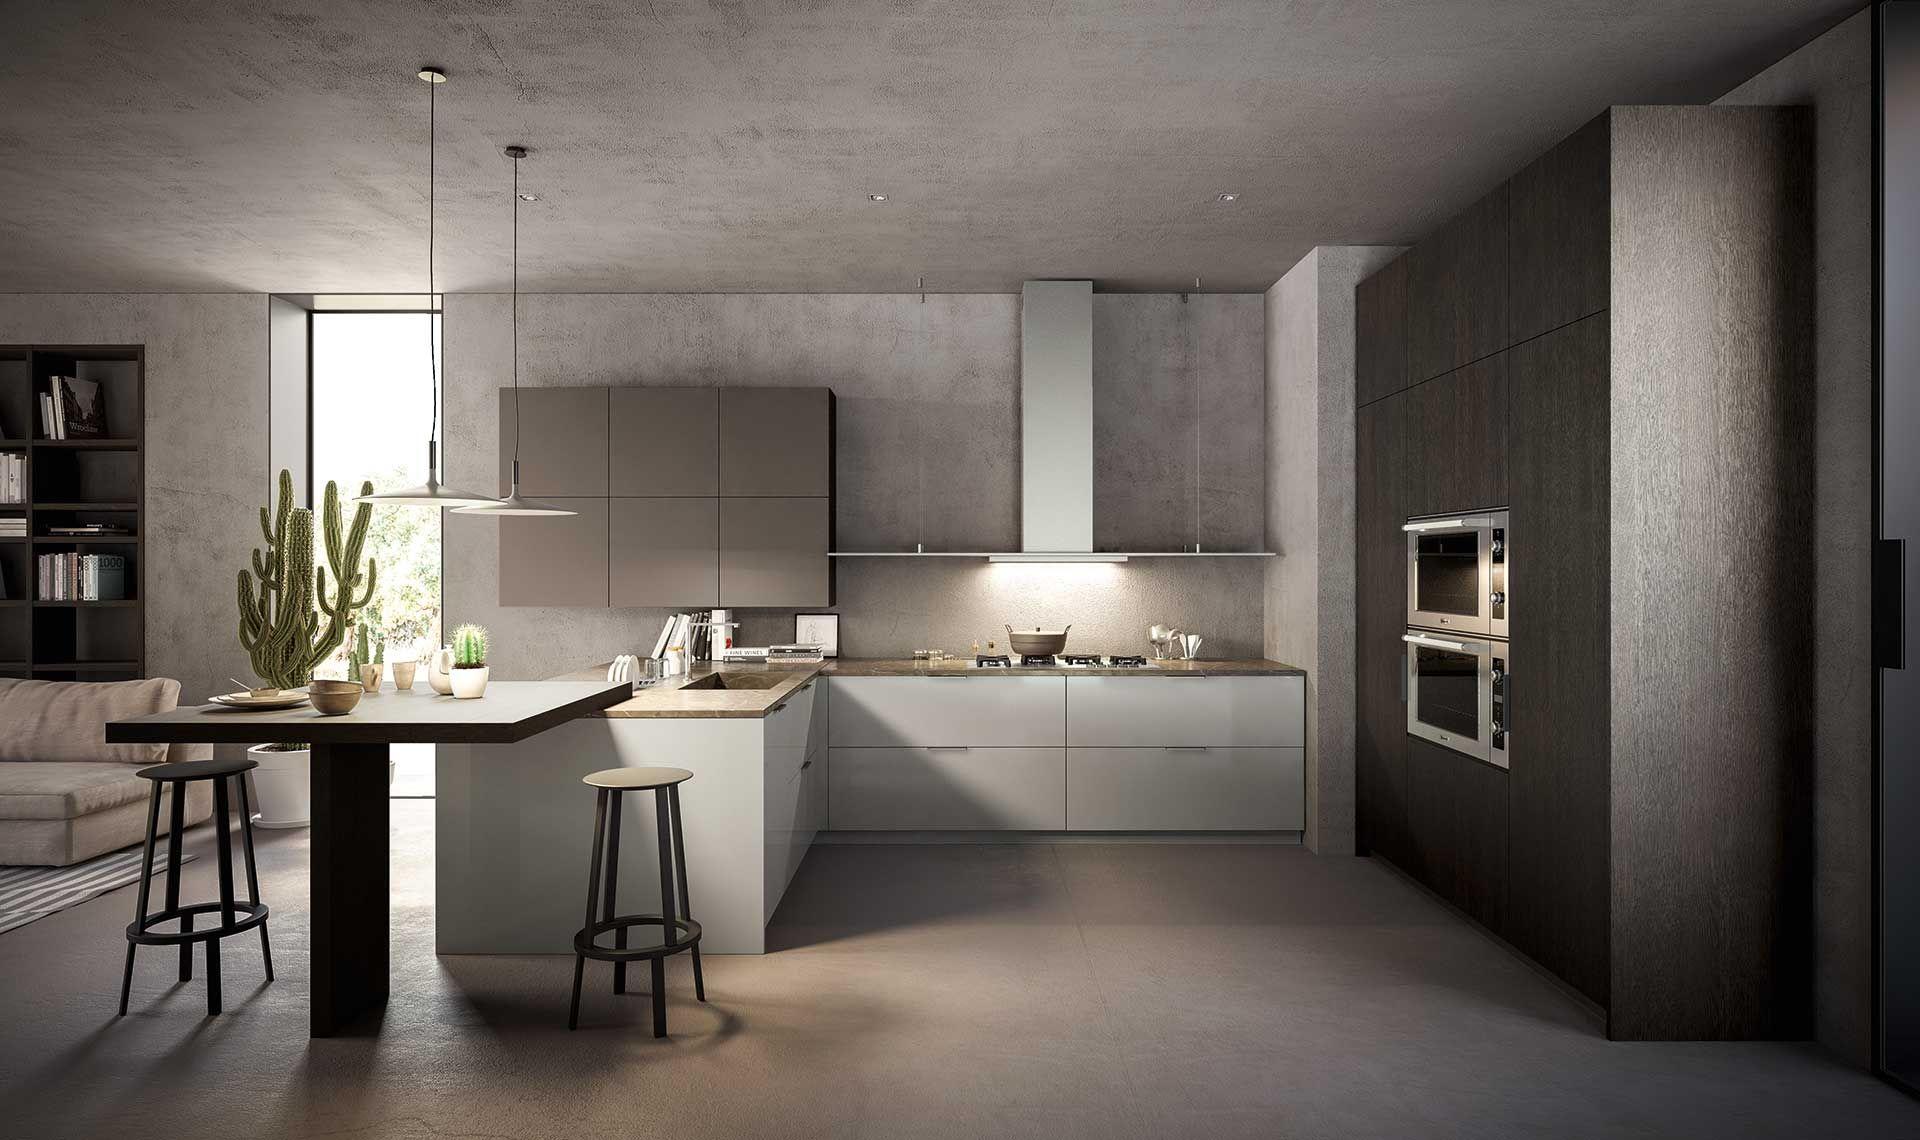 La Nuova Tendenza Dell Interior Design La Cucina Che Si Affaccia Sul Living Open Space Scopri Log Arredo Interni Cucina Interior Design Interni Della Cucina